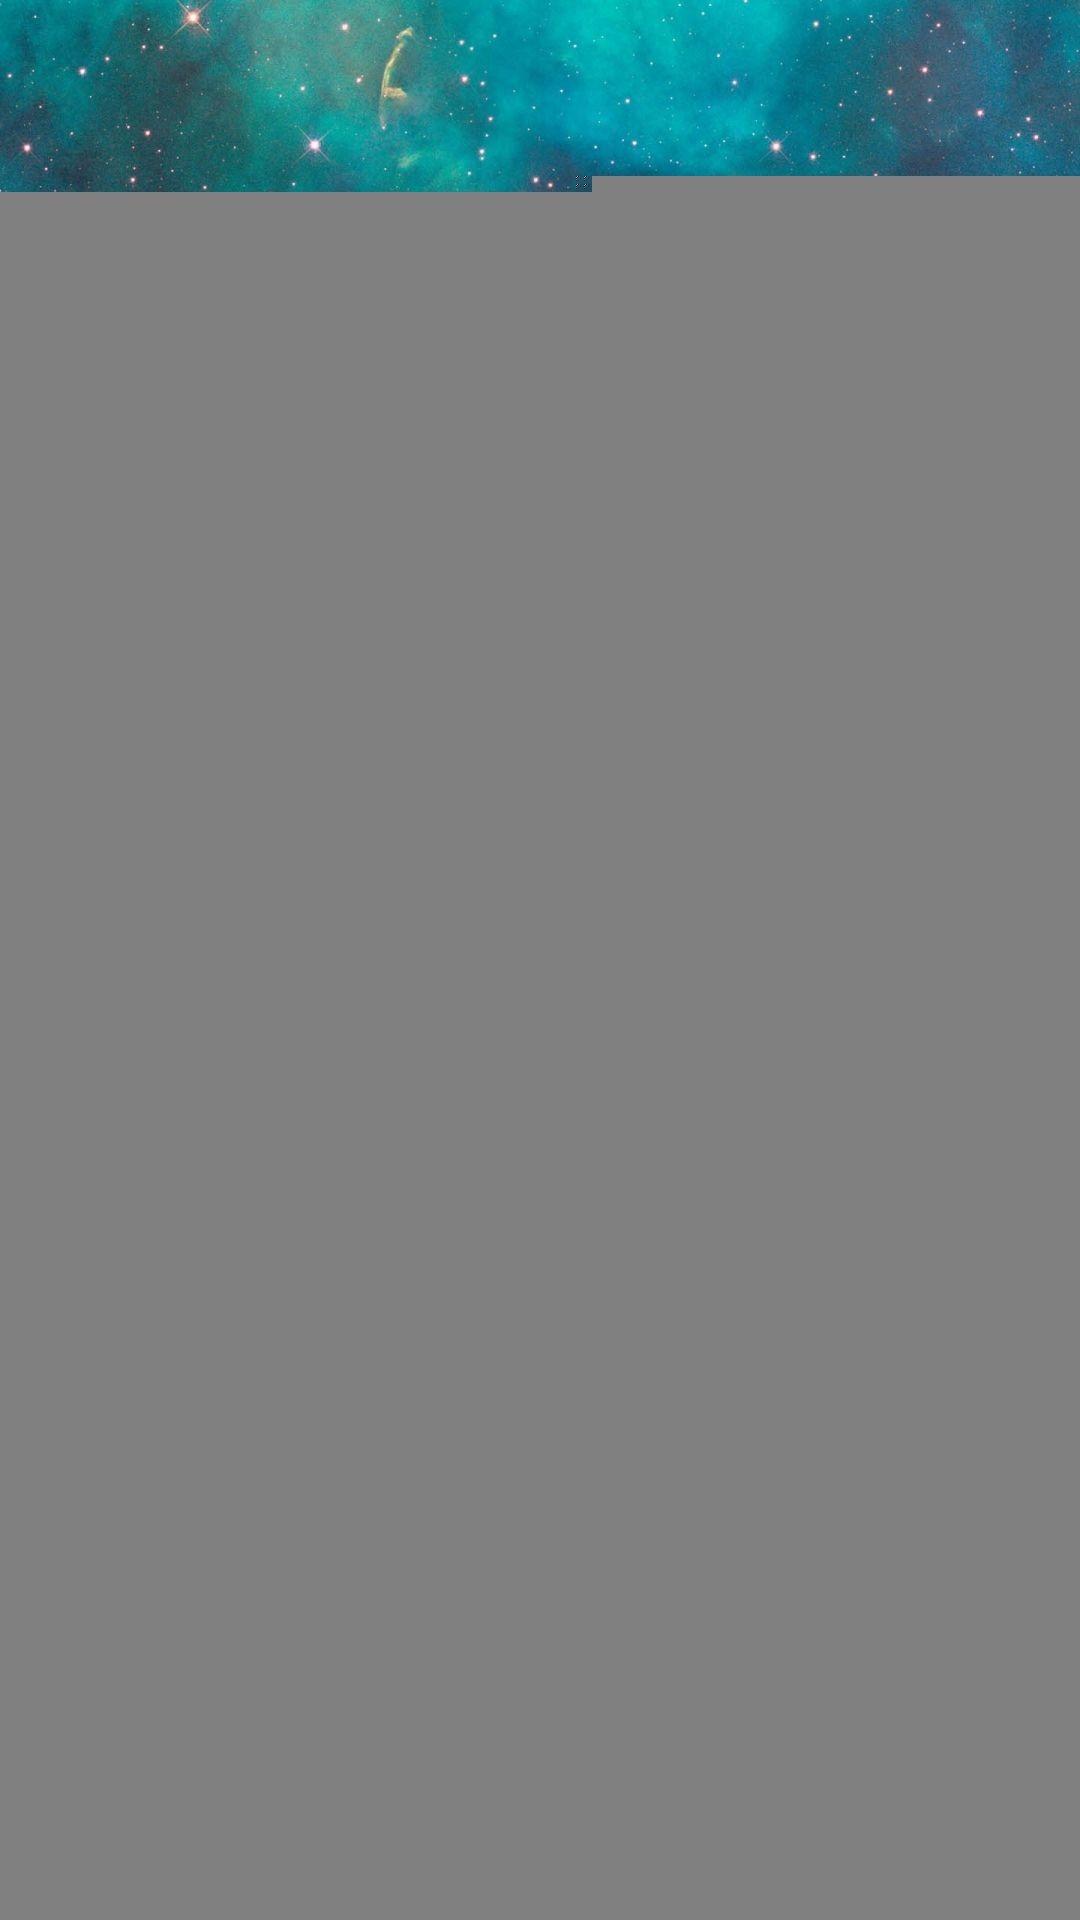 IPhone 6 Wallpaper Star Trek (63+ images)